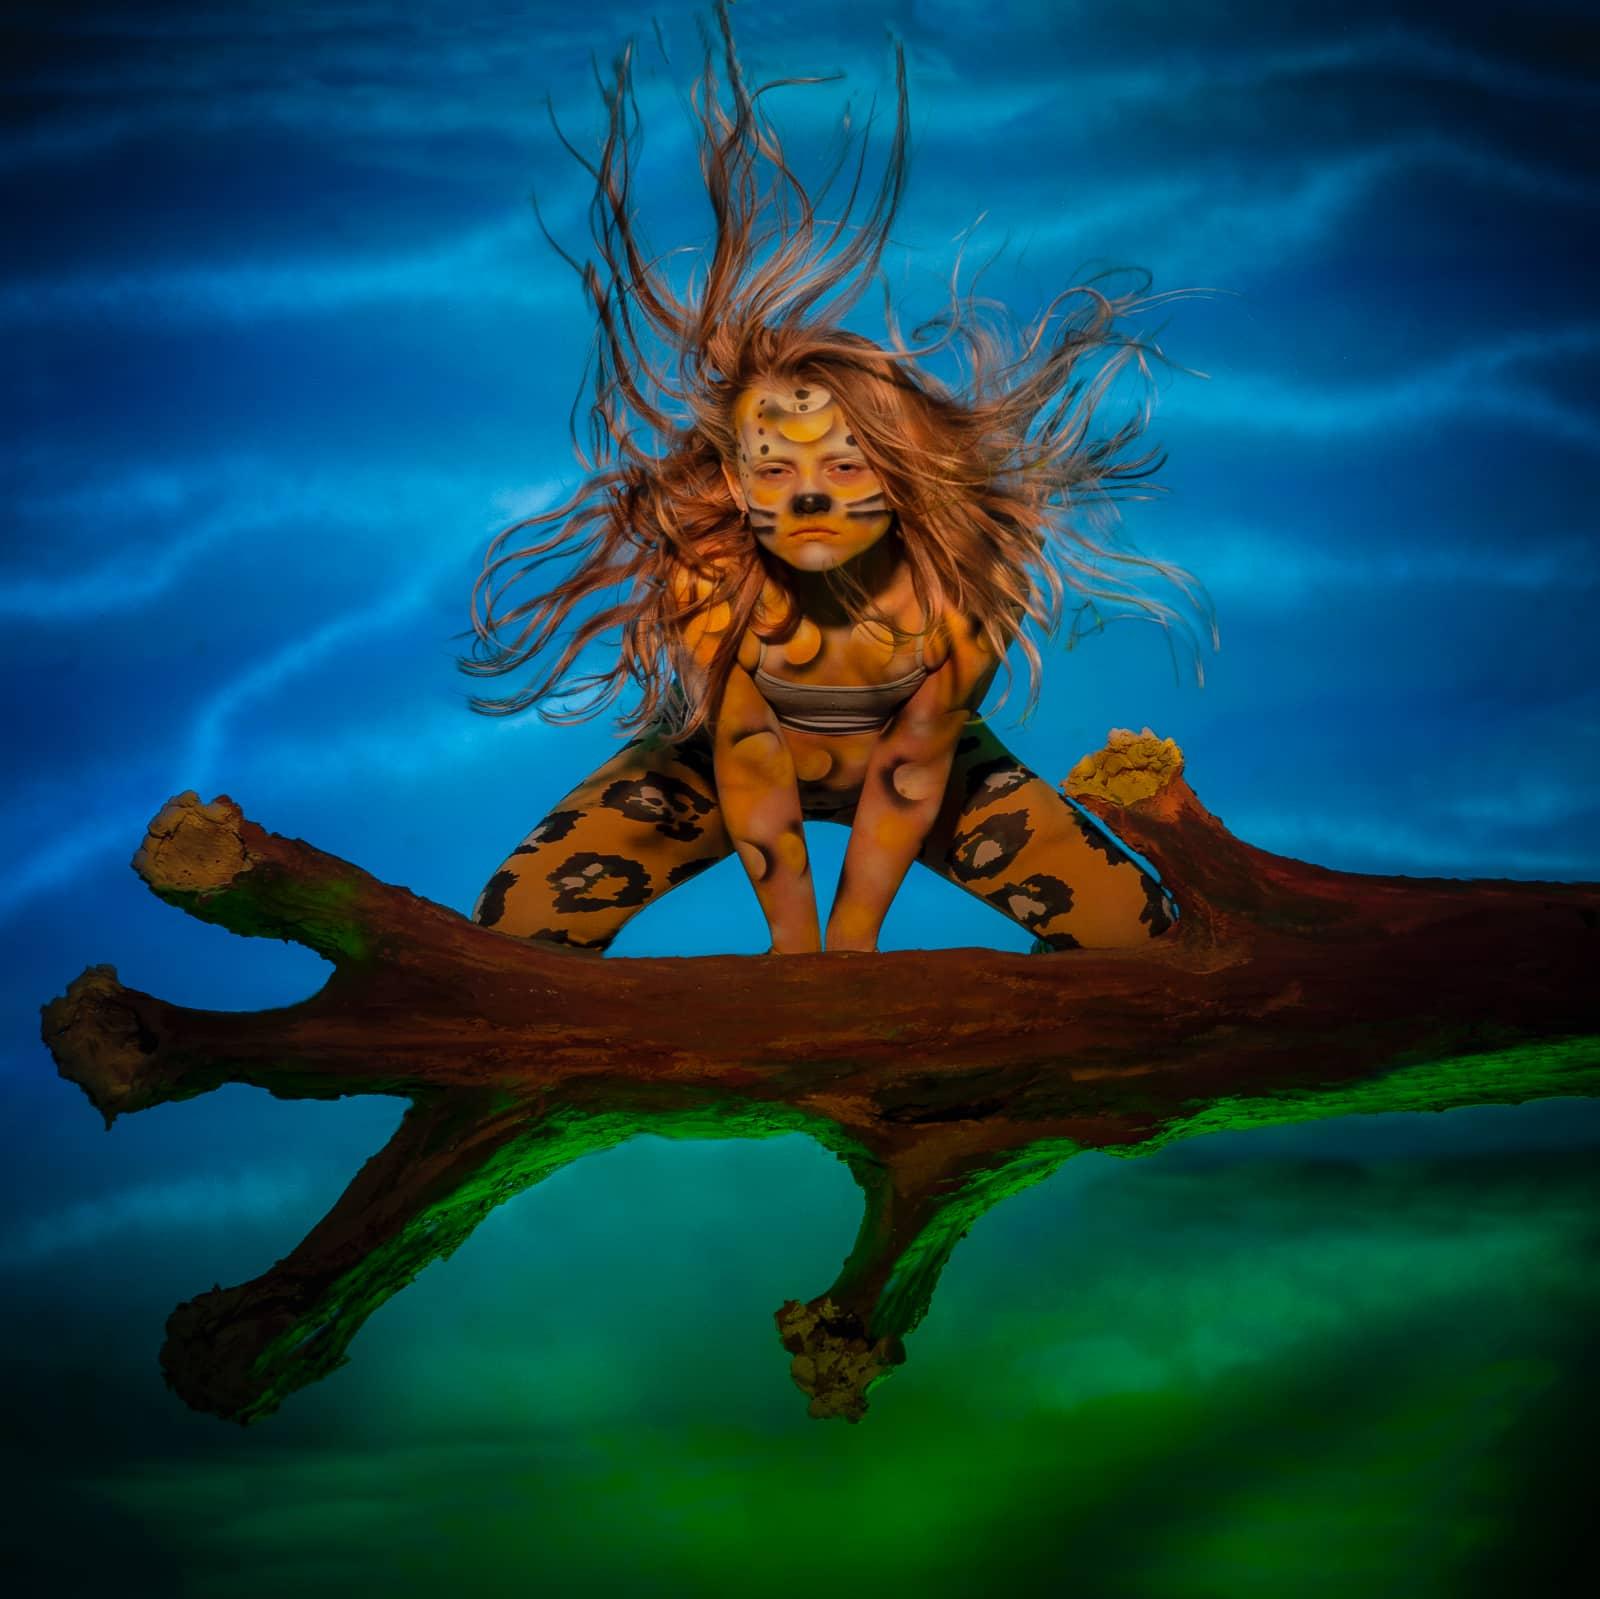 Leah als cougar door Jan van der Horn